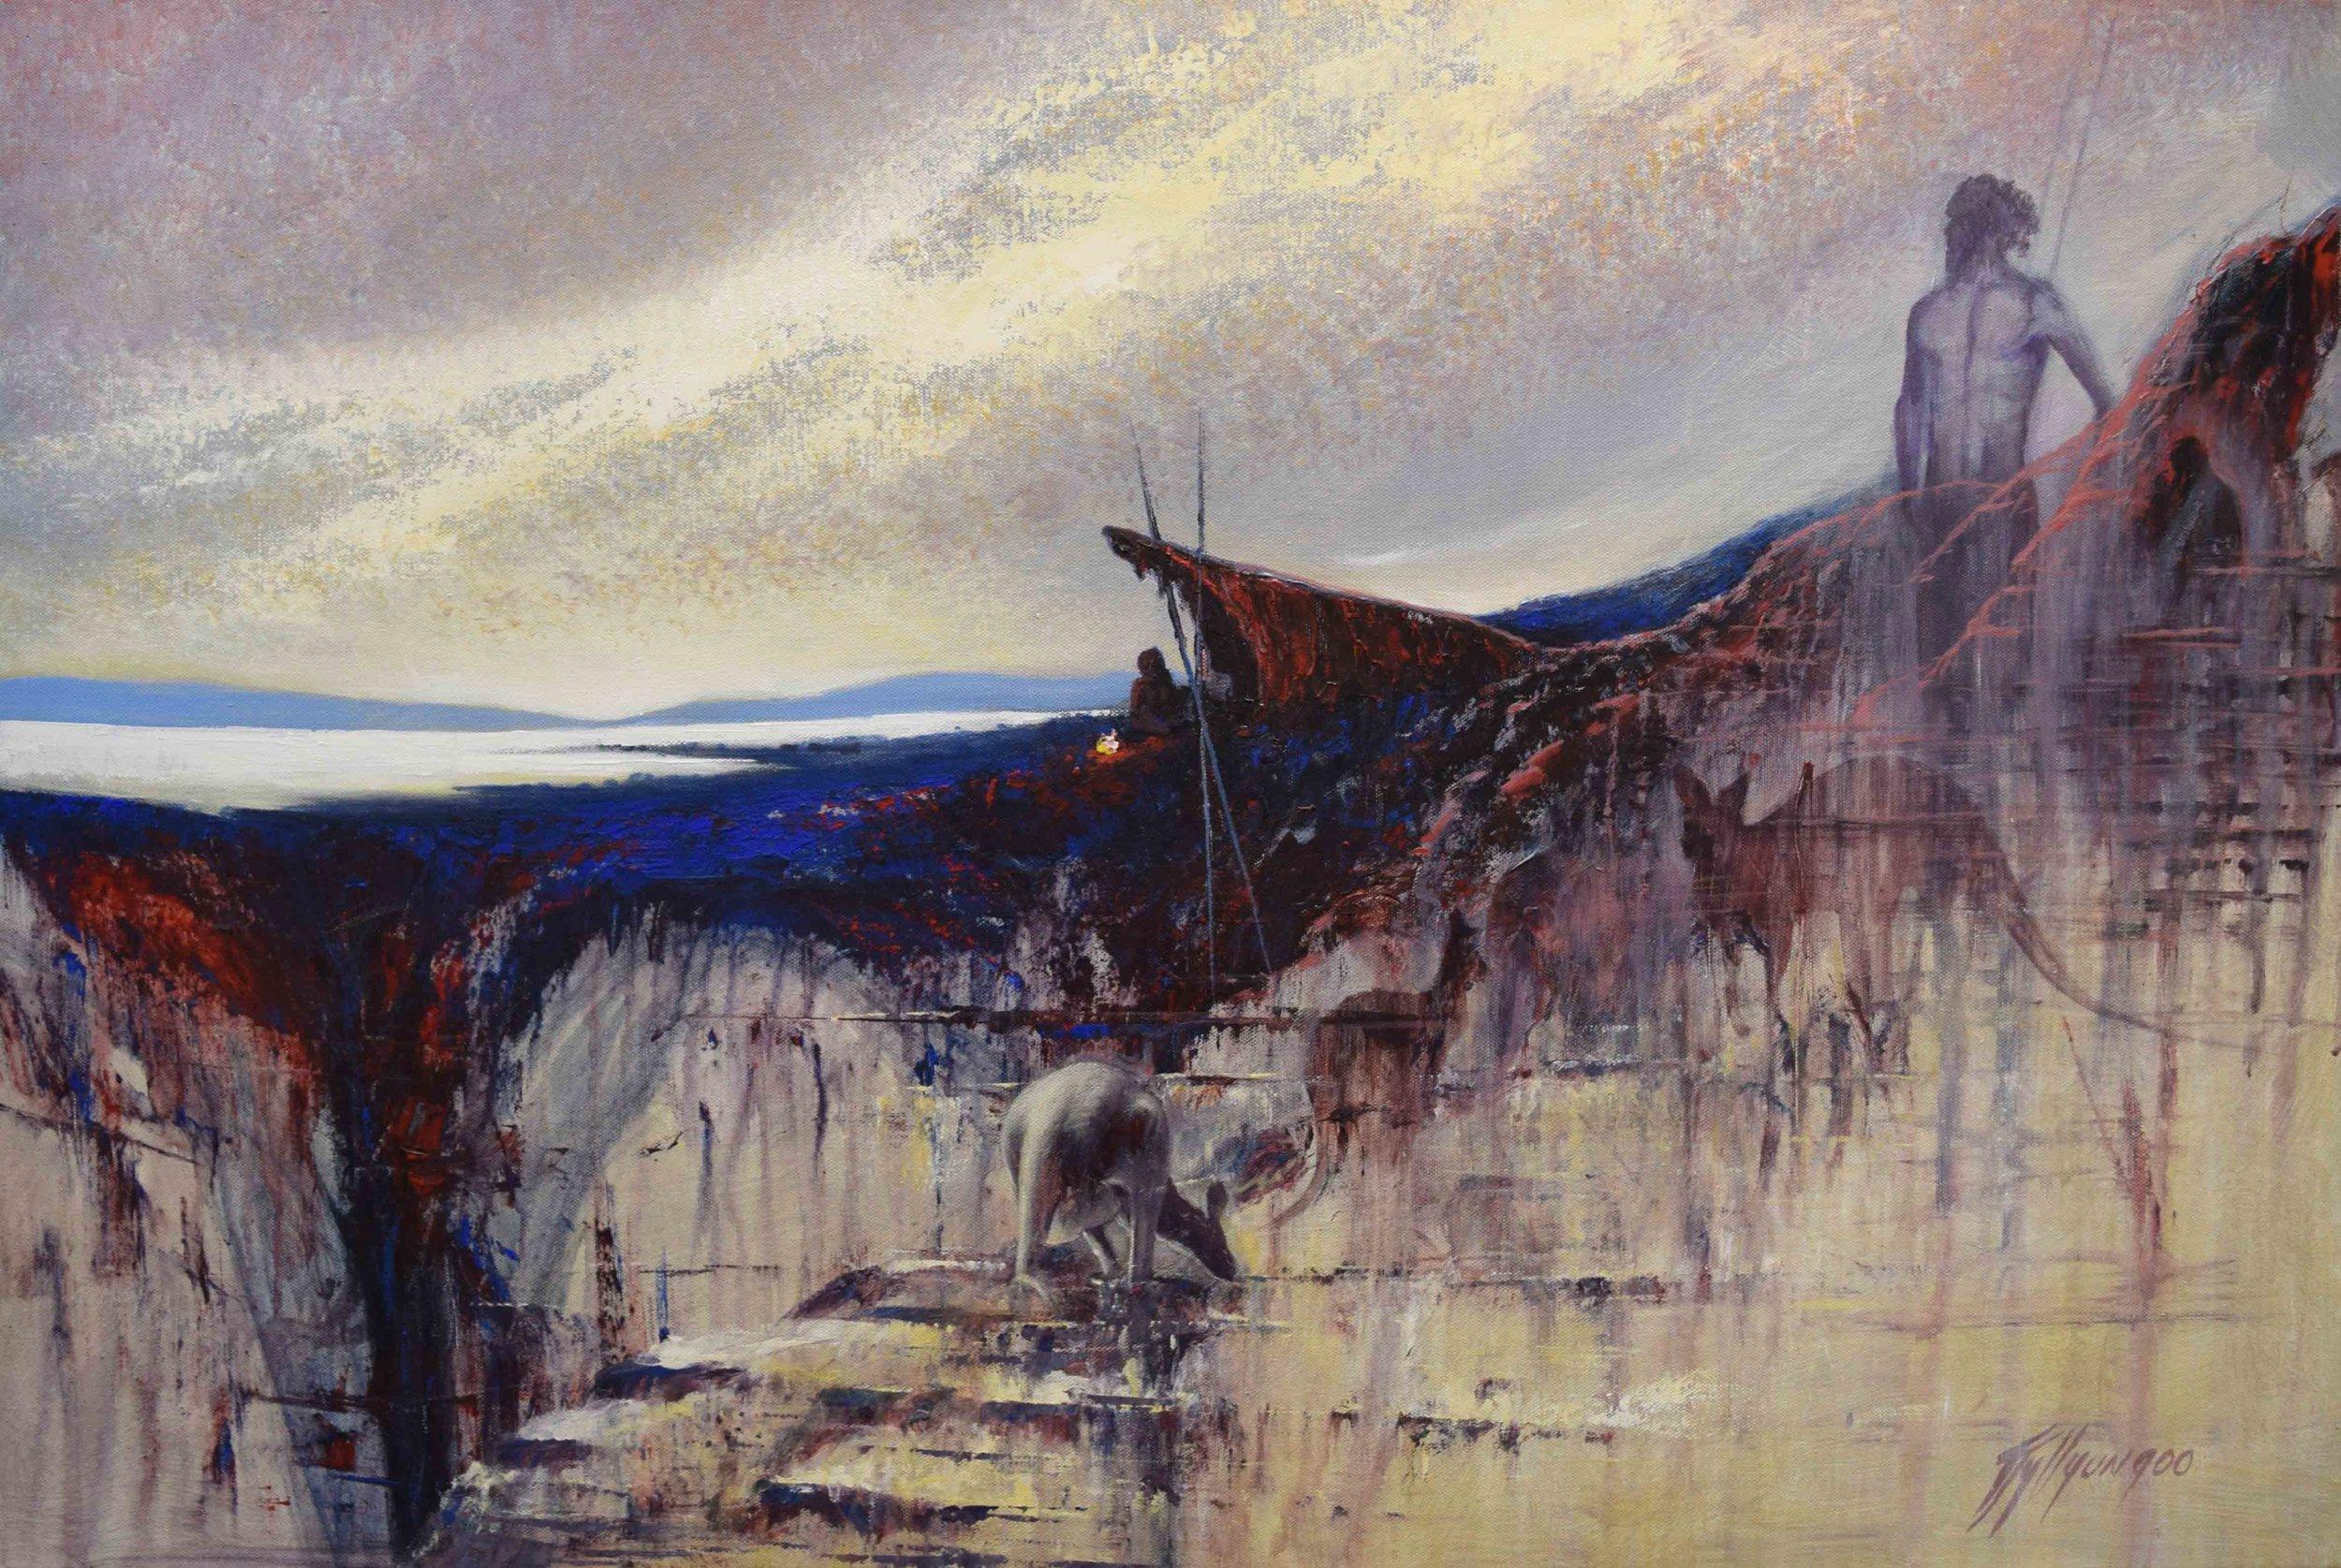 11. Tjyllyungo Lance Chadd,  The Huntsman,  2017, acrylic on canvas, 60 x 90 cm $5,000